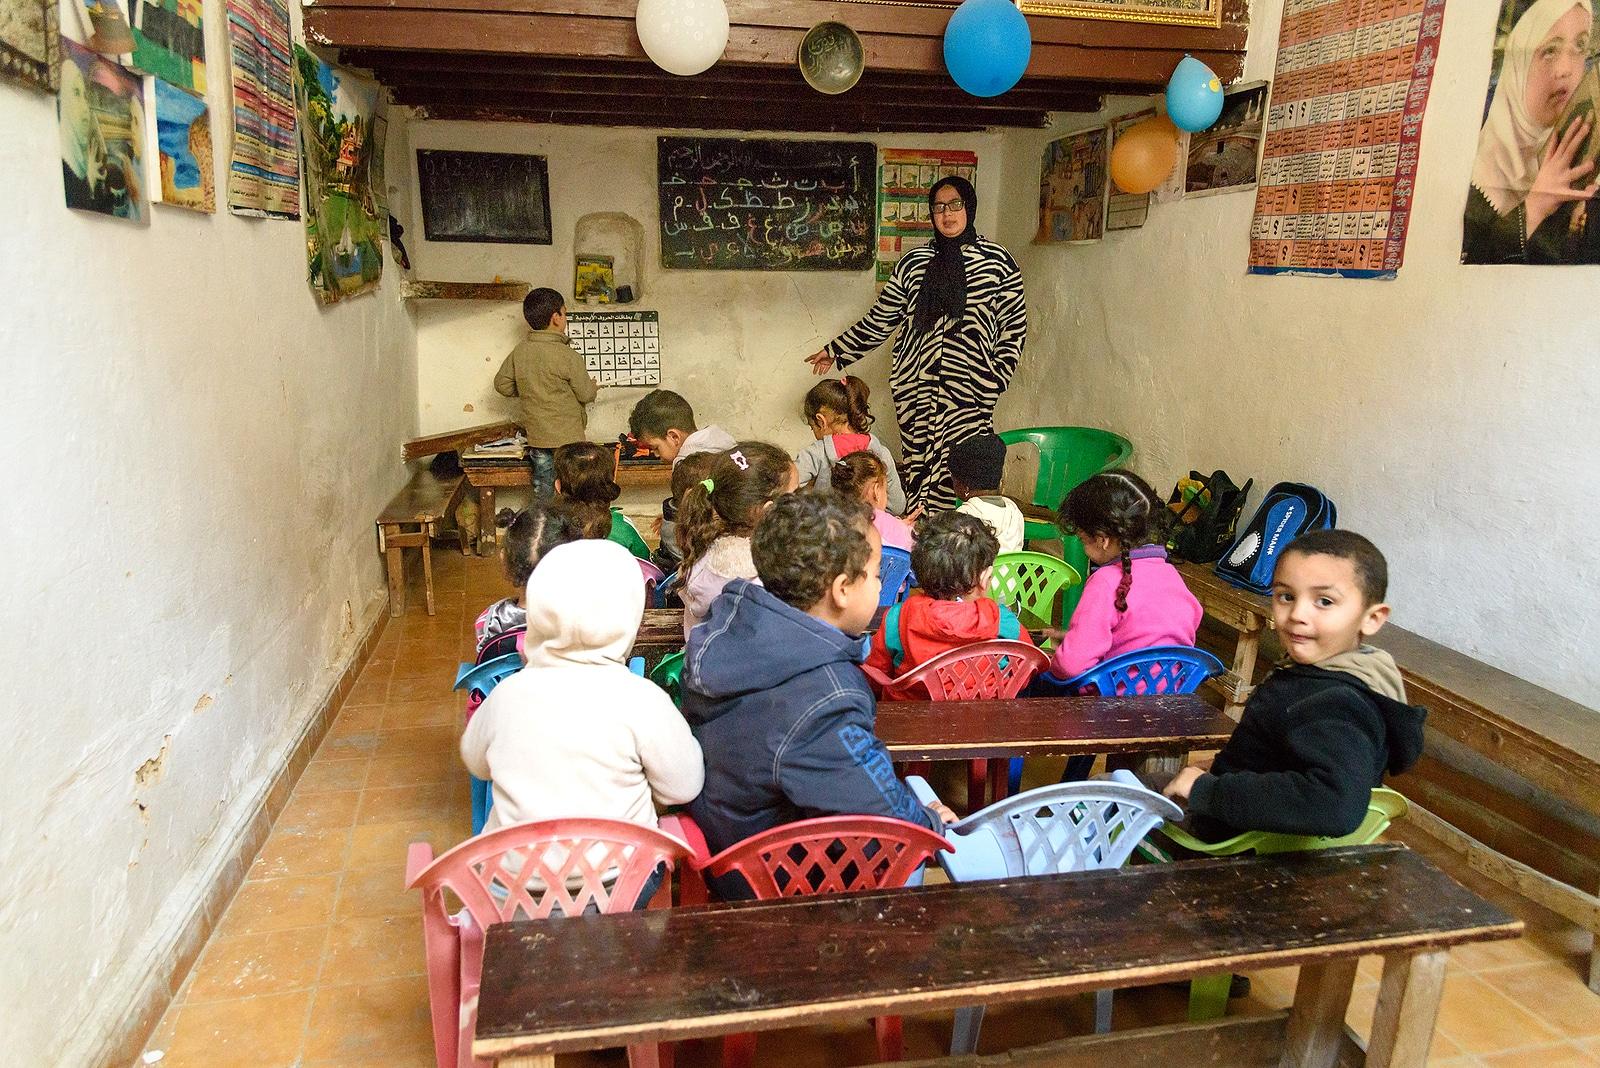 Volontariato in Marocco per l'educazione ed insegnamento nella comunità con ICYE